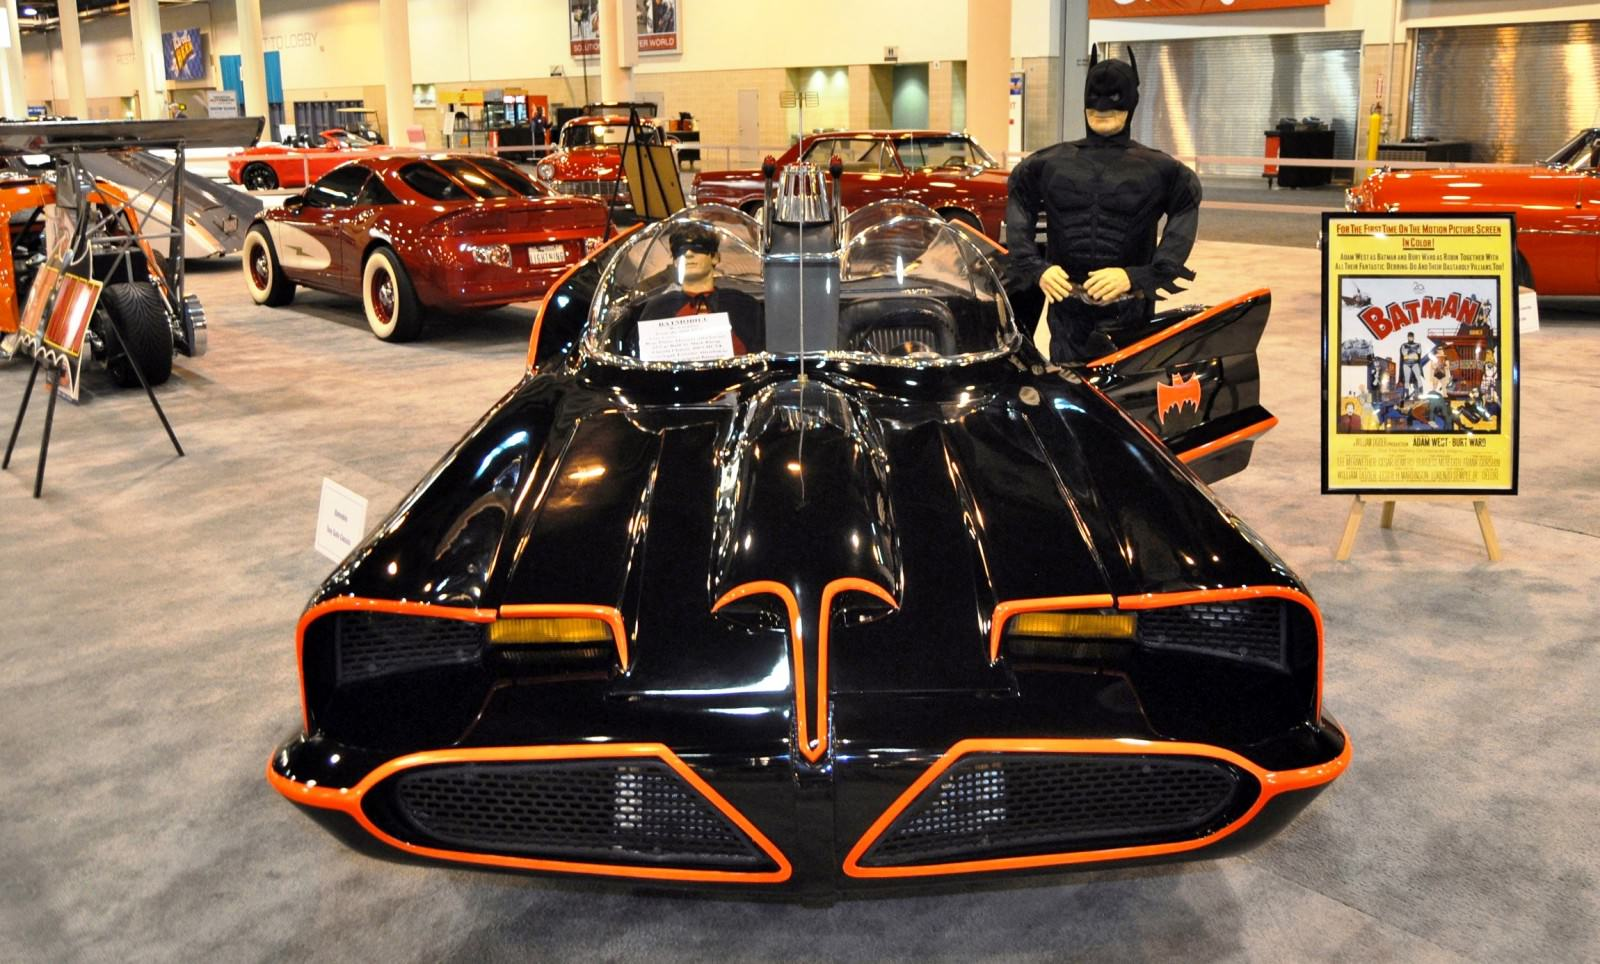 1960s Tv Batmobile By Tony Gullo